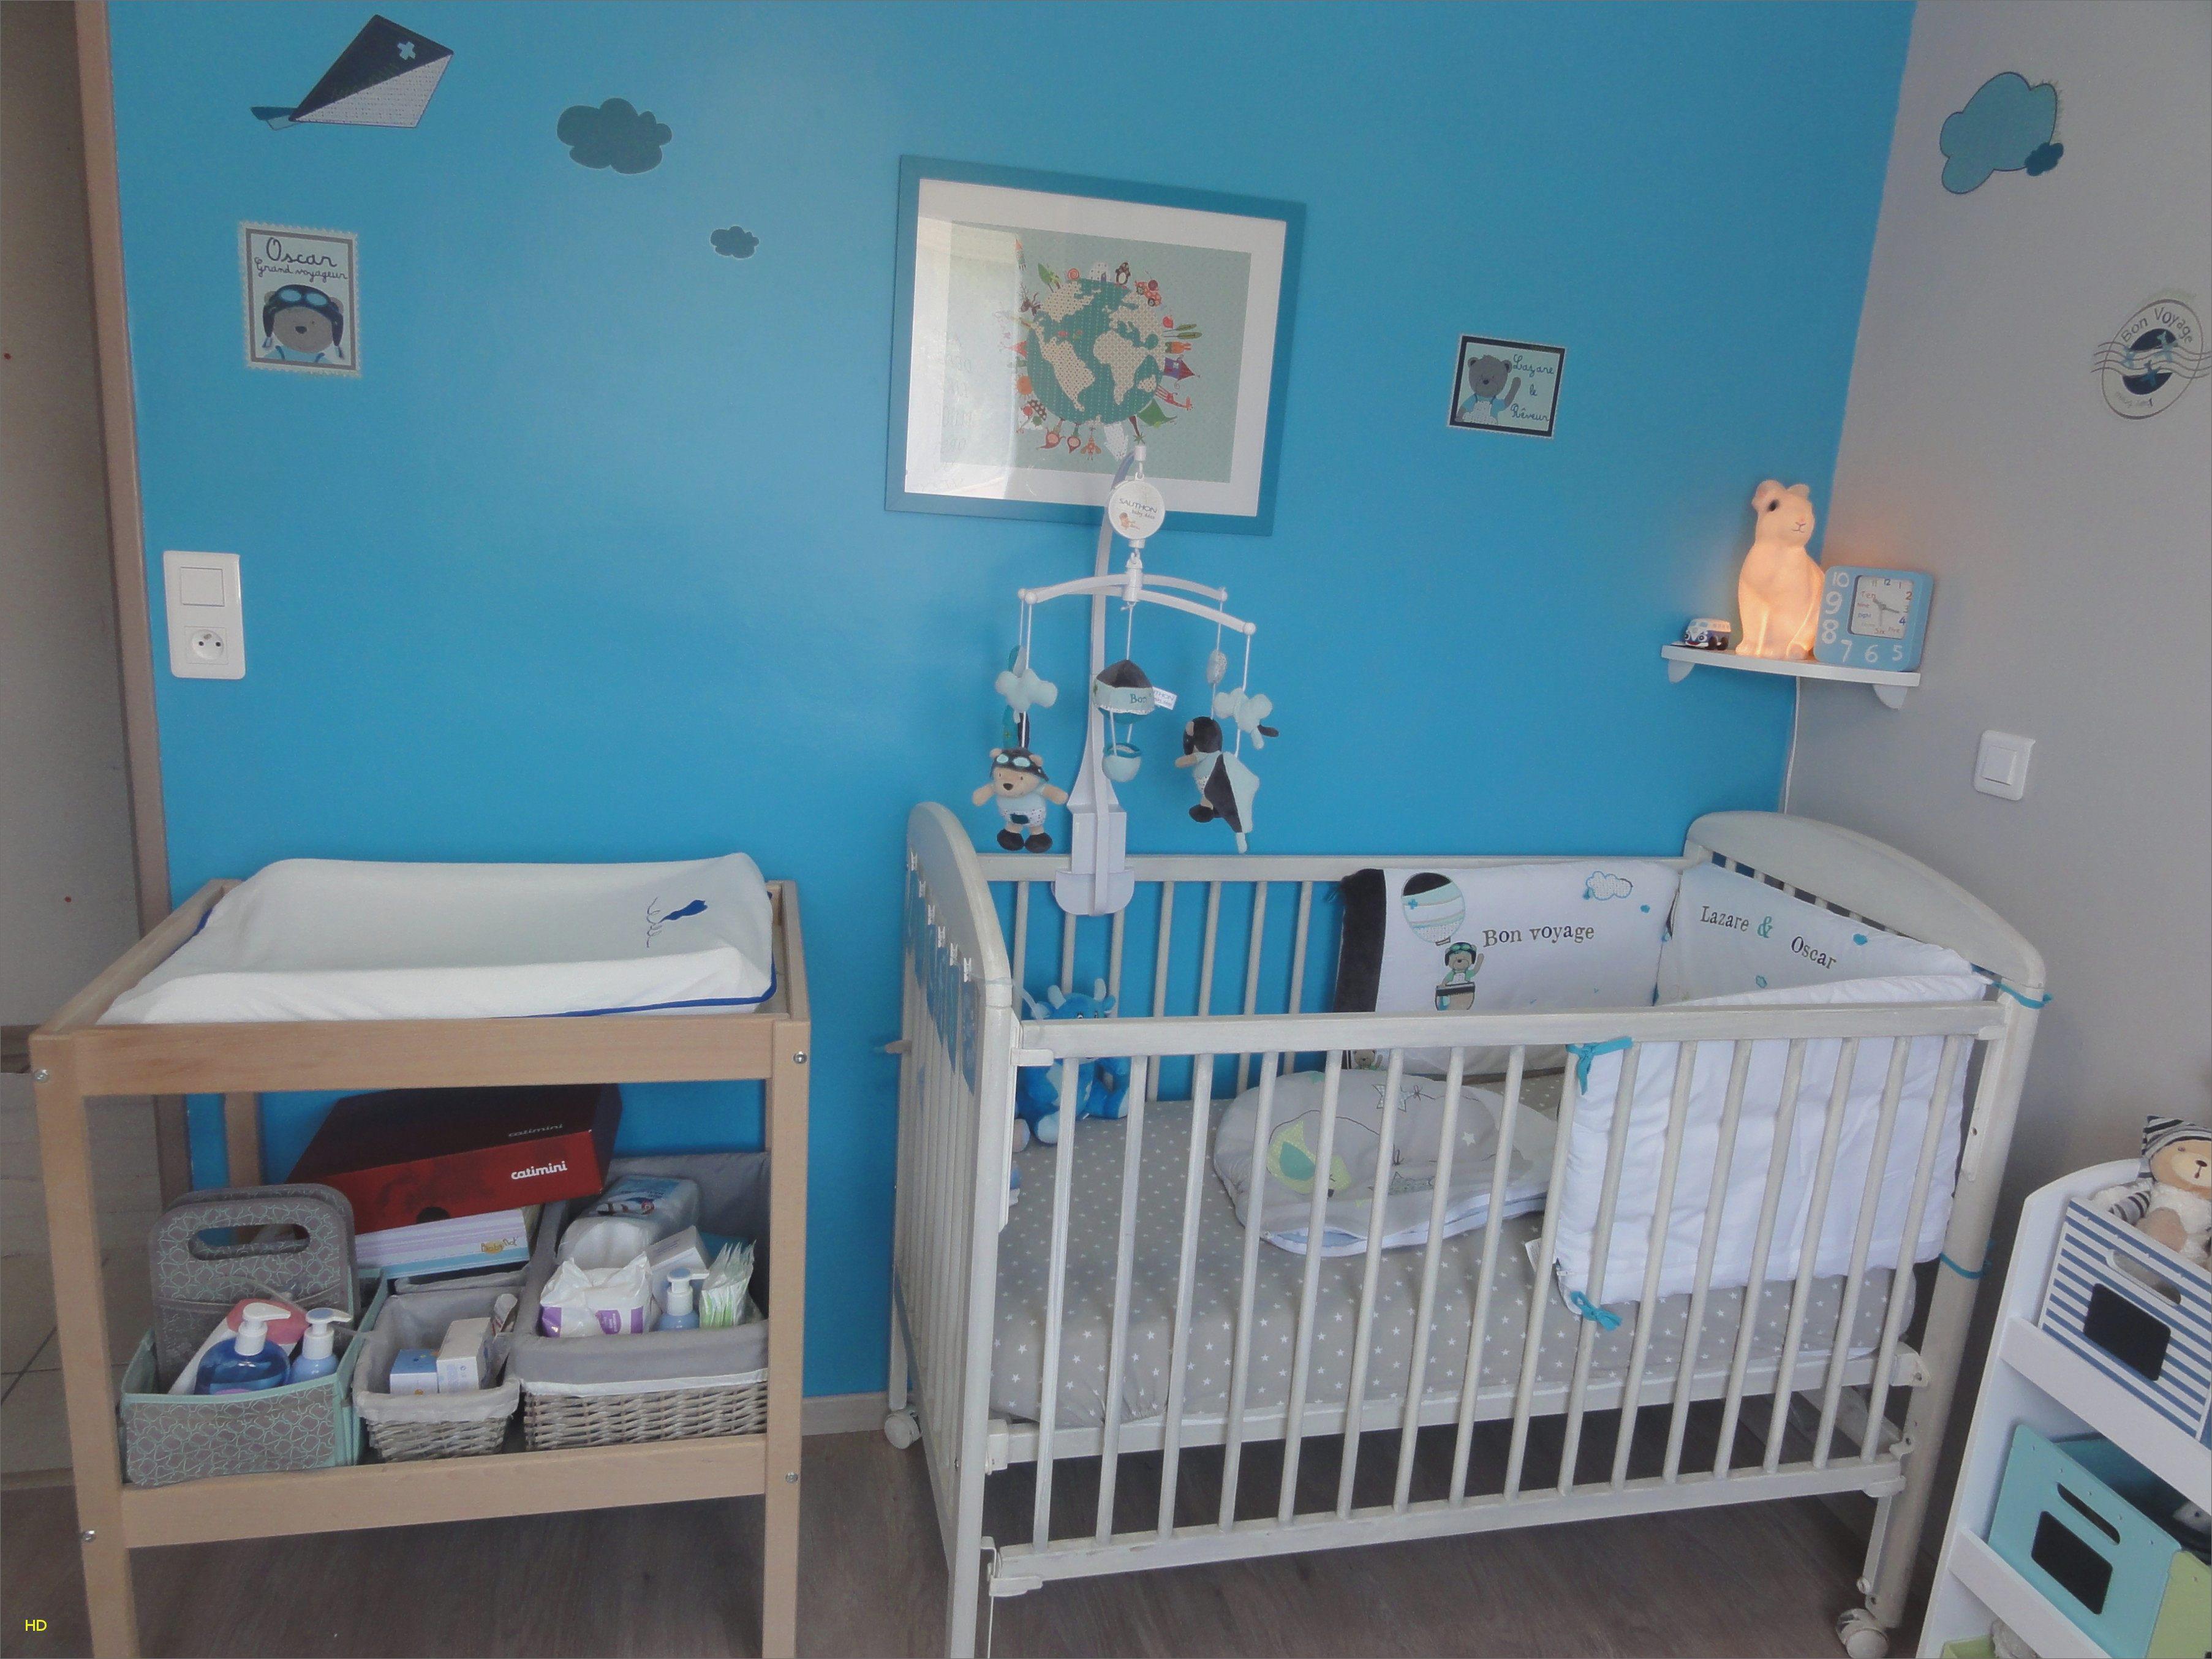 Lit En Bois Massif Agréable Charmant Chambre Enfant Bebe Et Chambre Bébé Bois Massif Lit Bébé